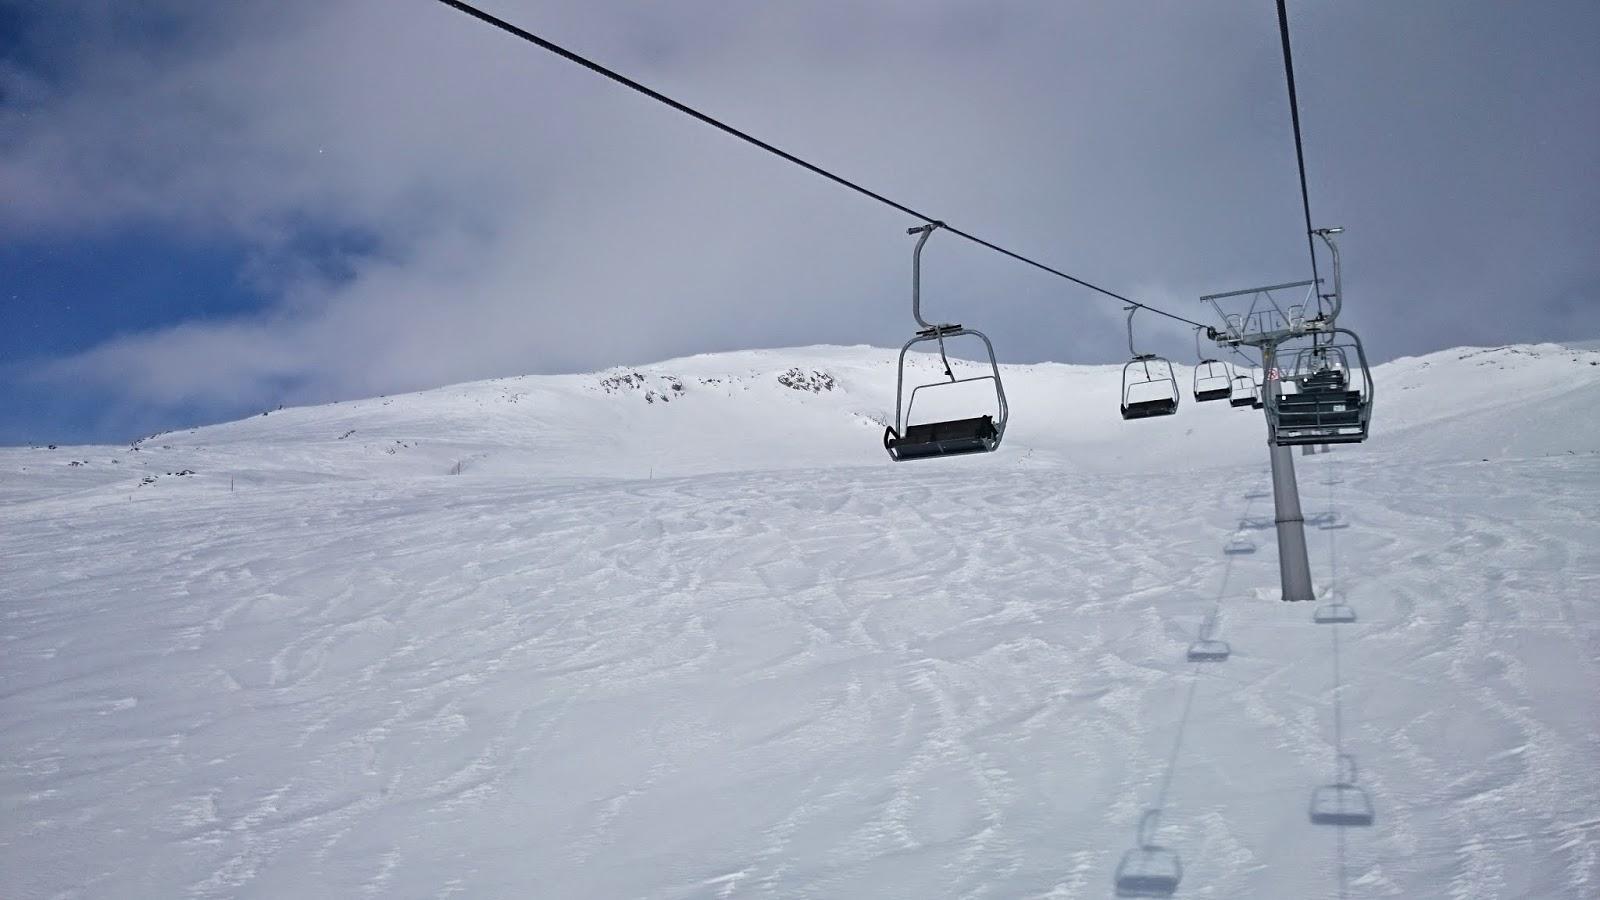 wyciąg, snow ski italy, widoki z wyciągu, maso corto, piękny widok góry, maso corto